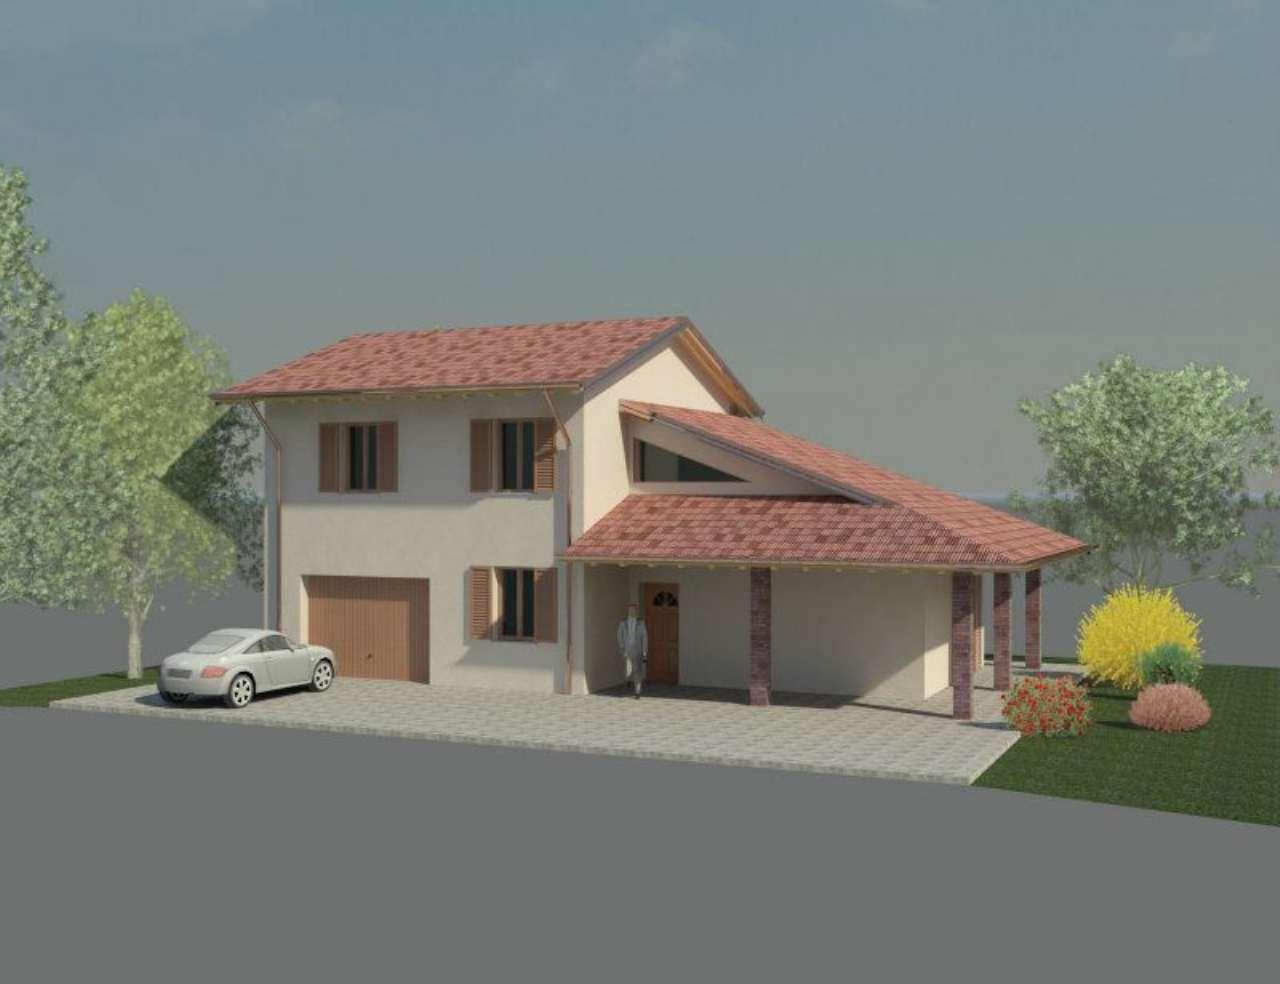 Villa in vendita a Garlasco, 6 locali, prezzo € 269.000 | Cambio Casa.it